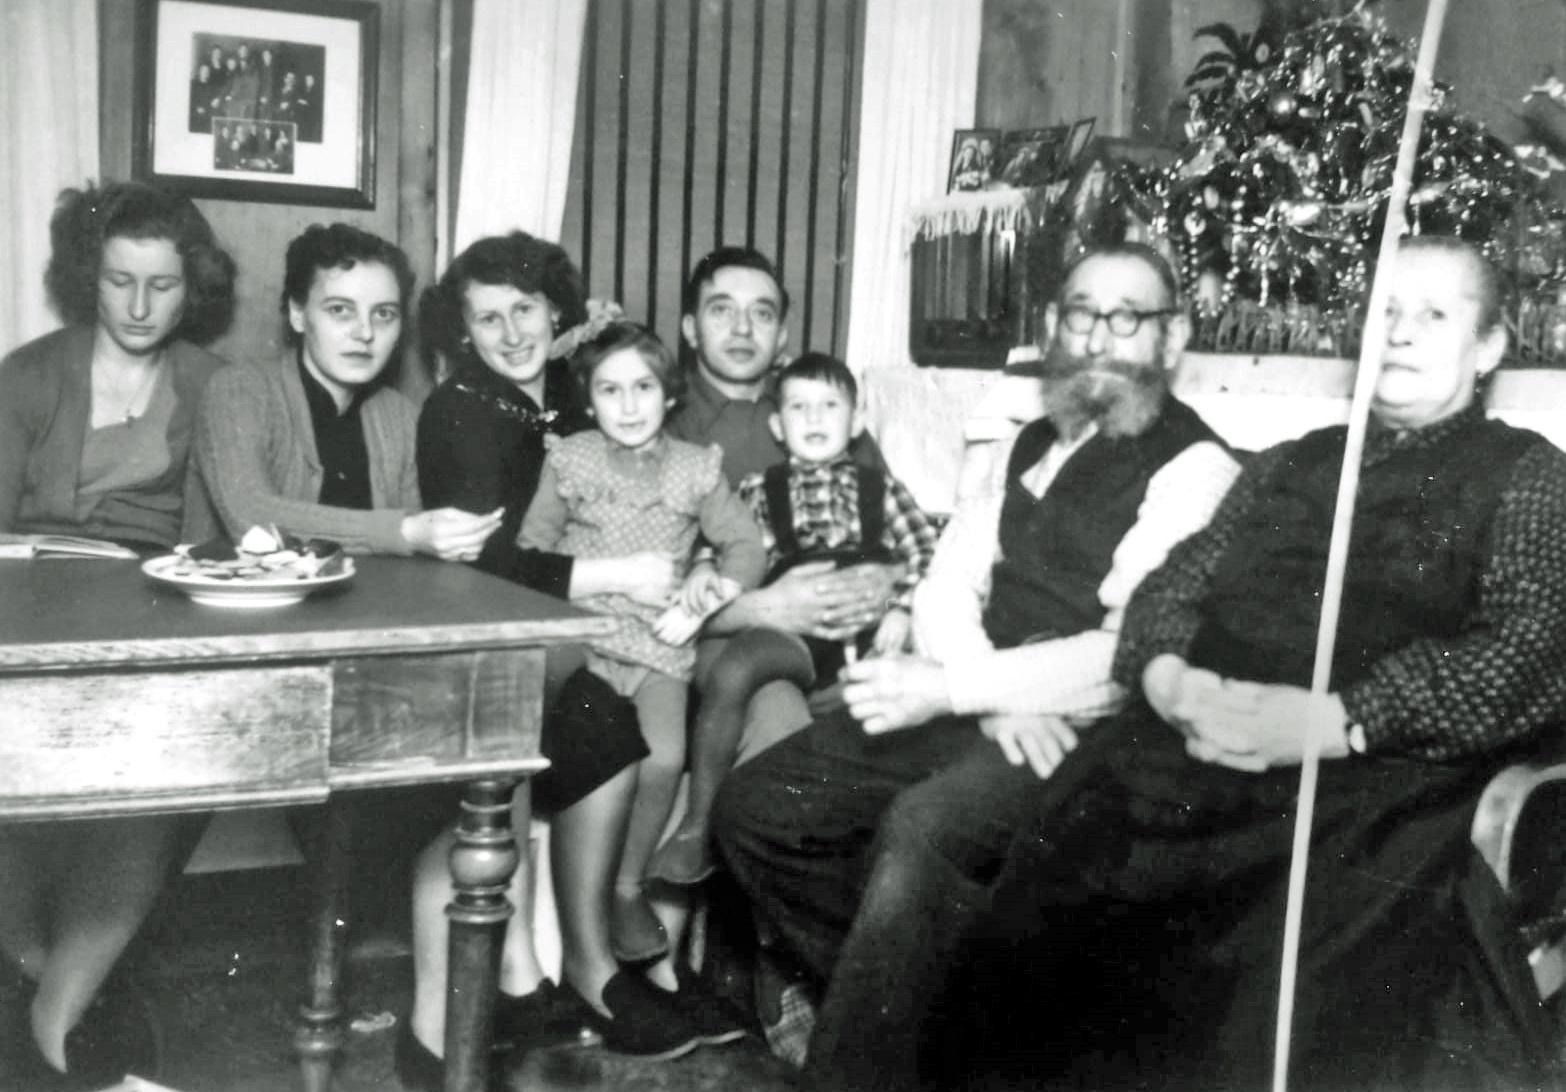 René Thuillier (Mitte) bei der österreichischen Familie.